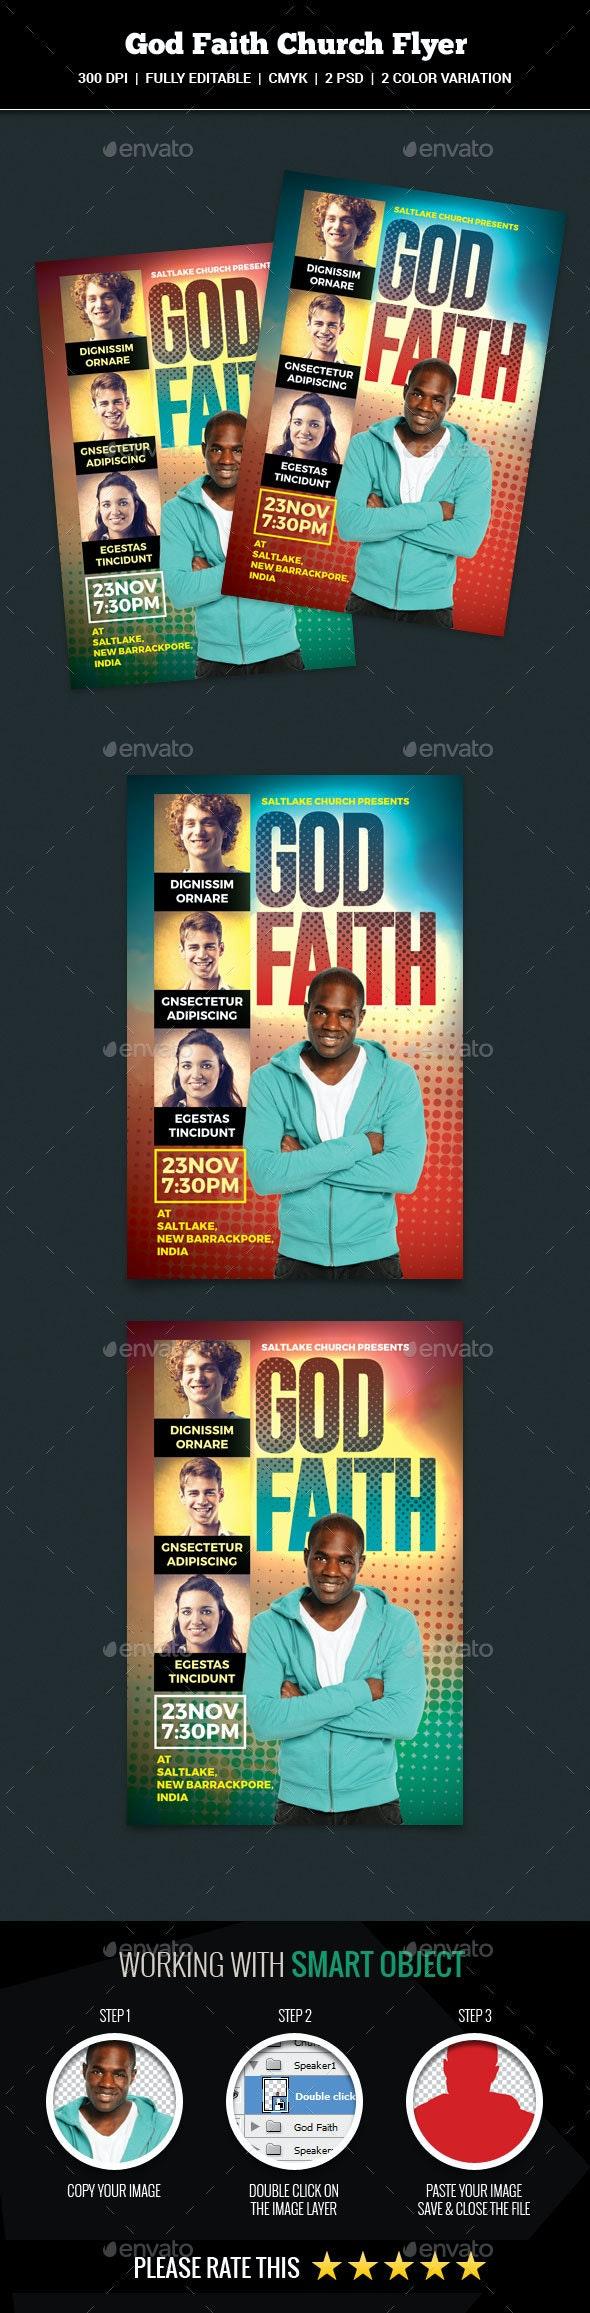 God Faith Church Flyer - Church Flyers